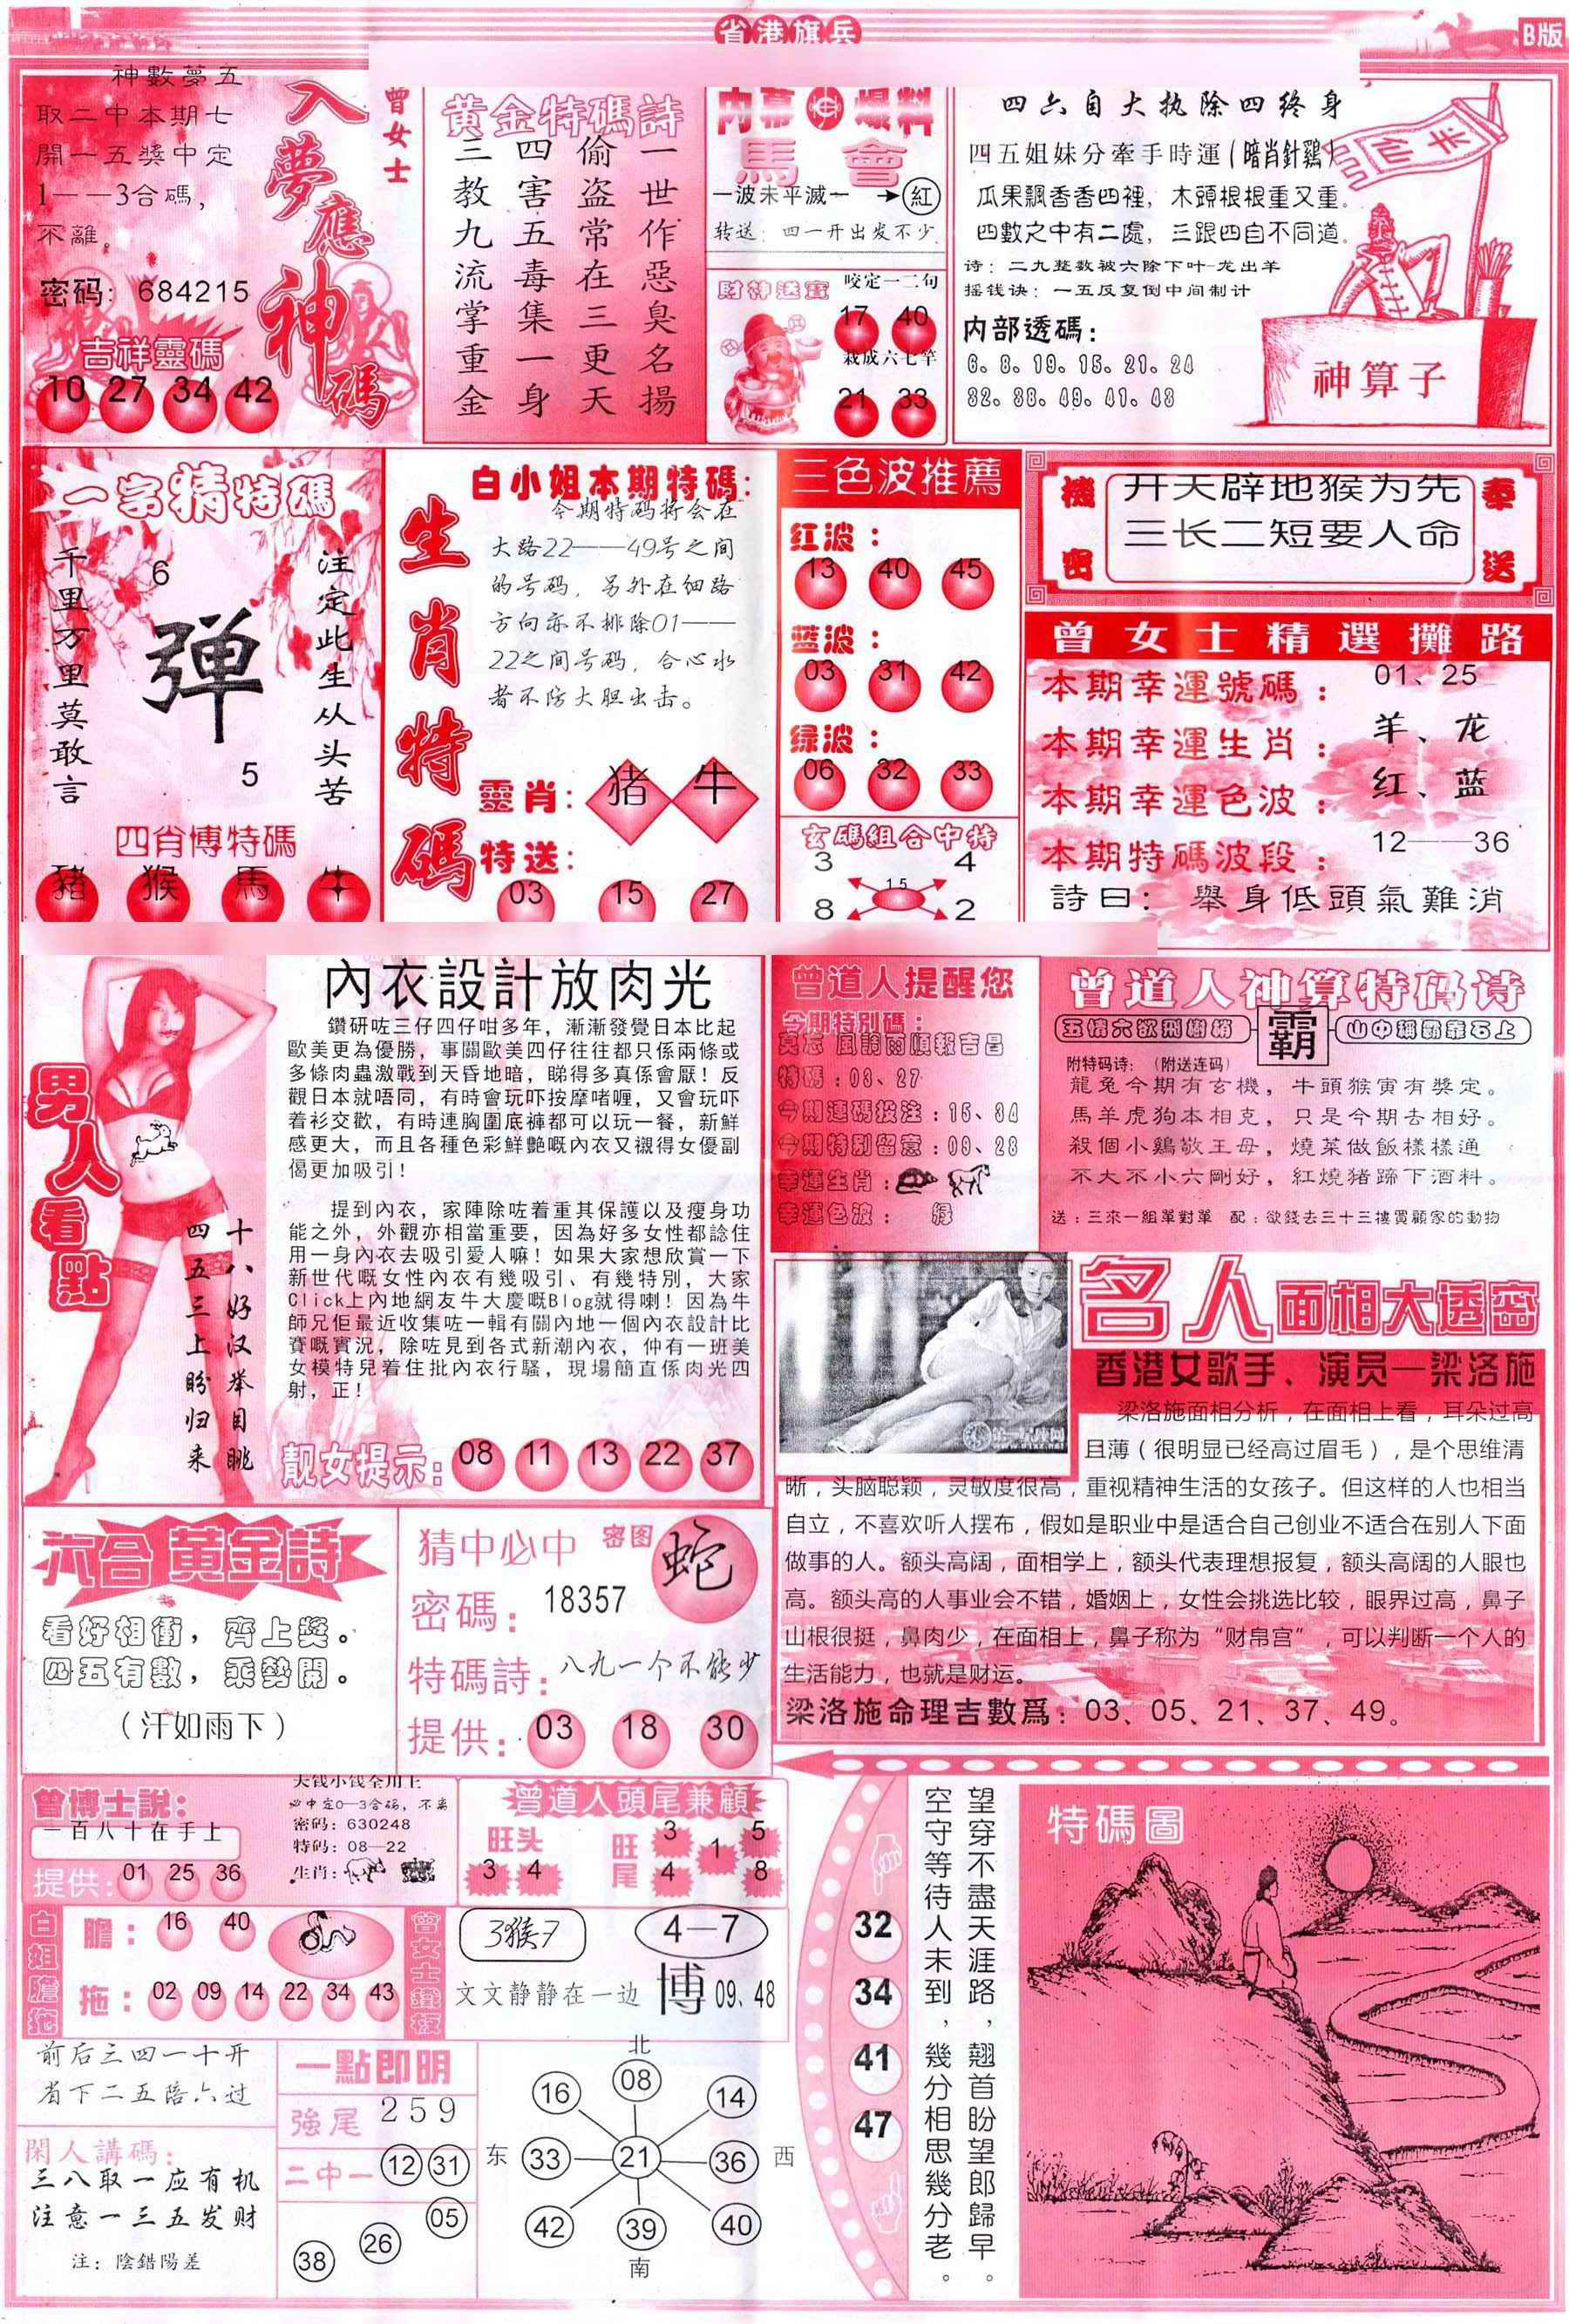 062期彩道B(保证香港版)